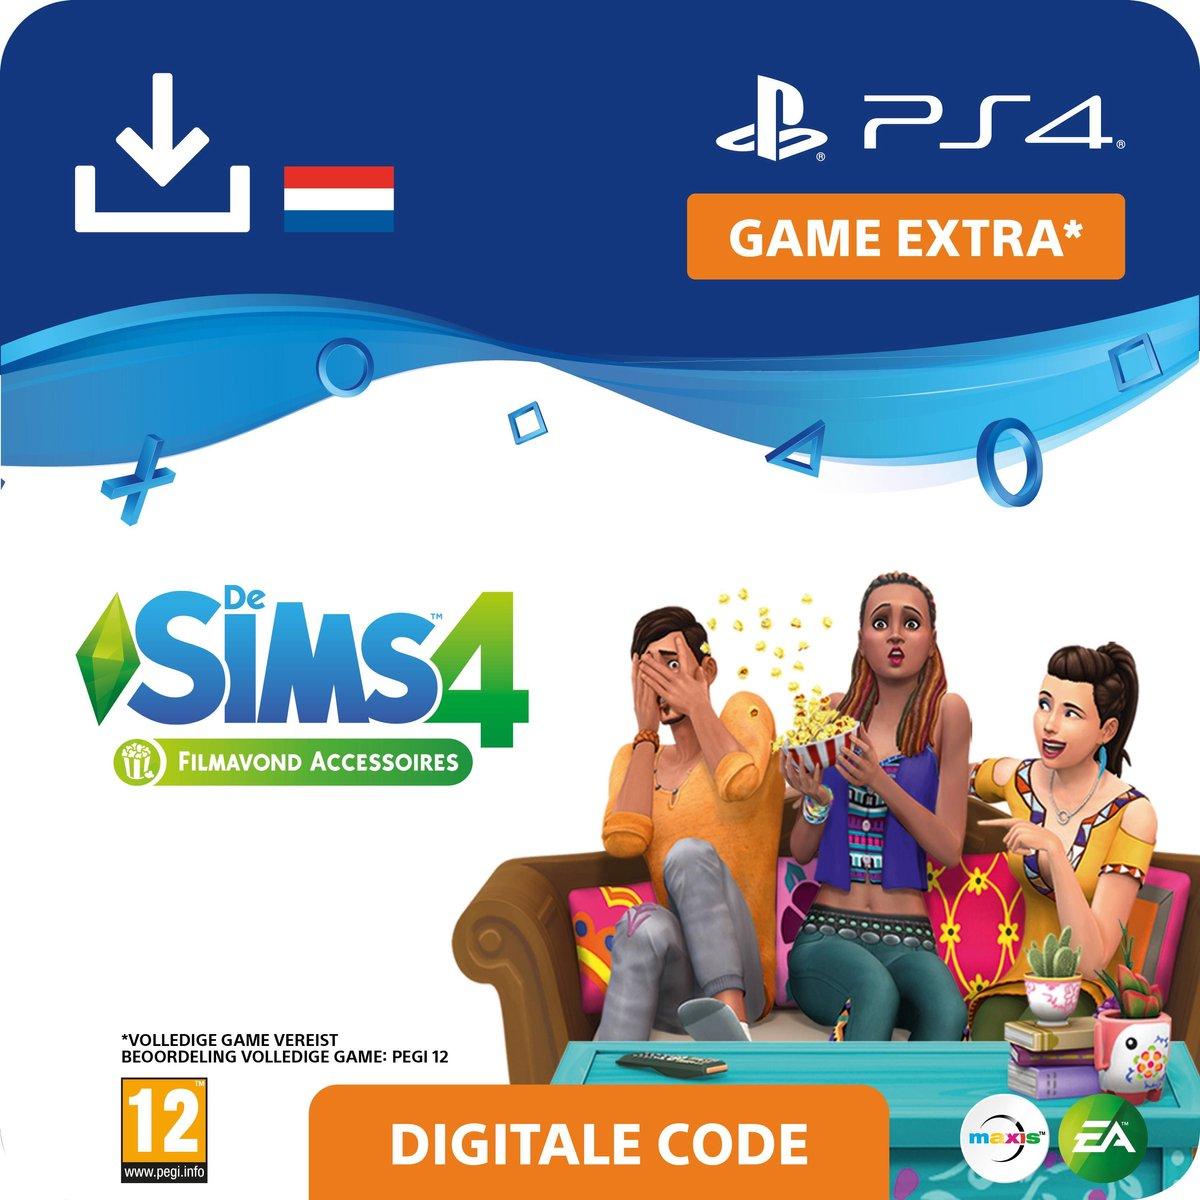 De Sims 4 - uitbreidingsset - Filmavond Accessoires - NL - PS4 download